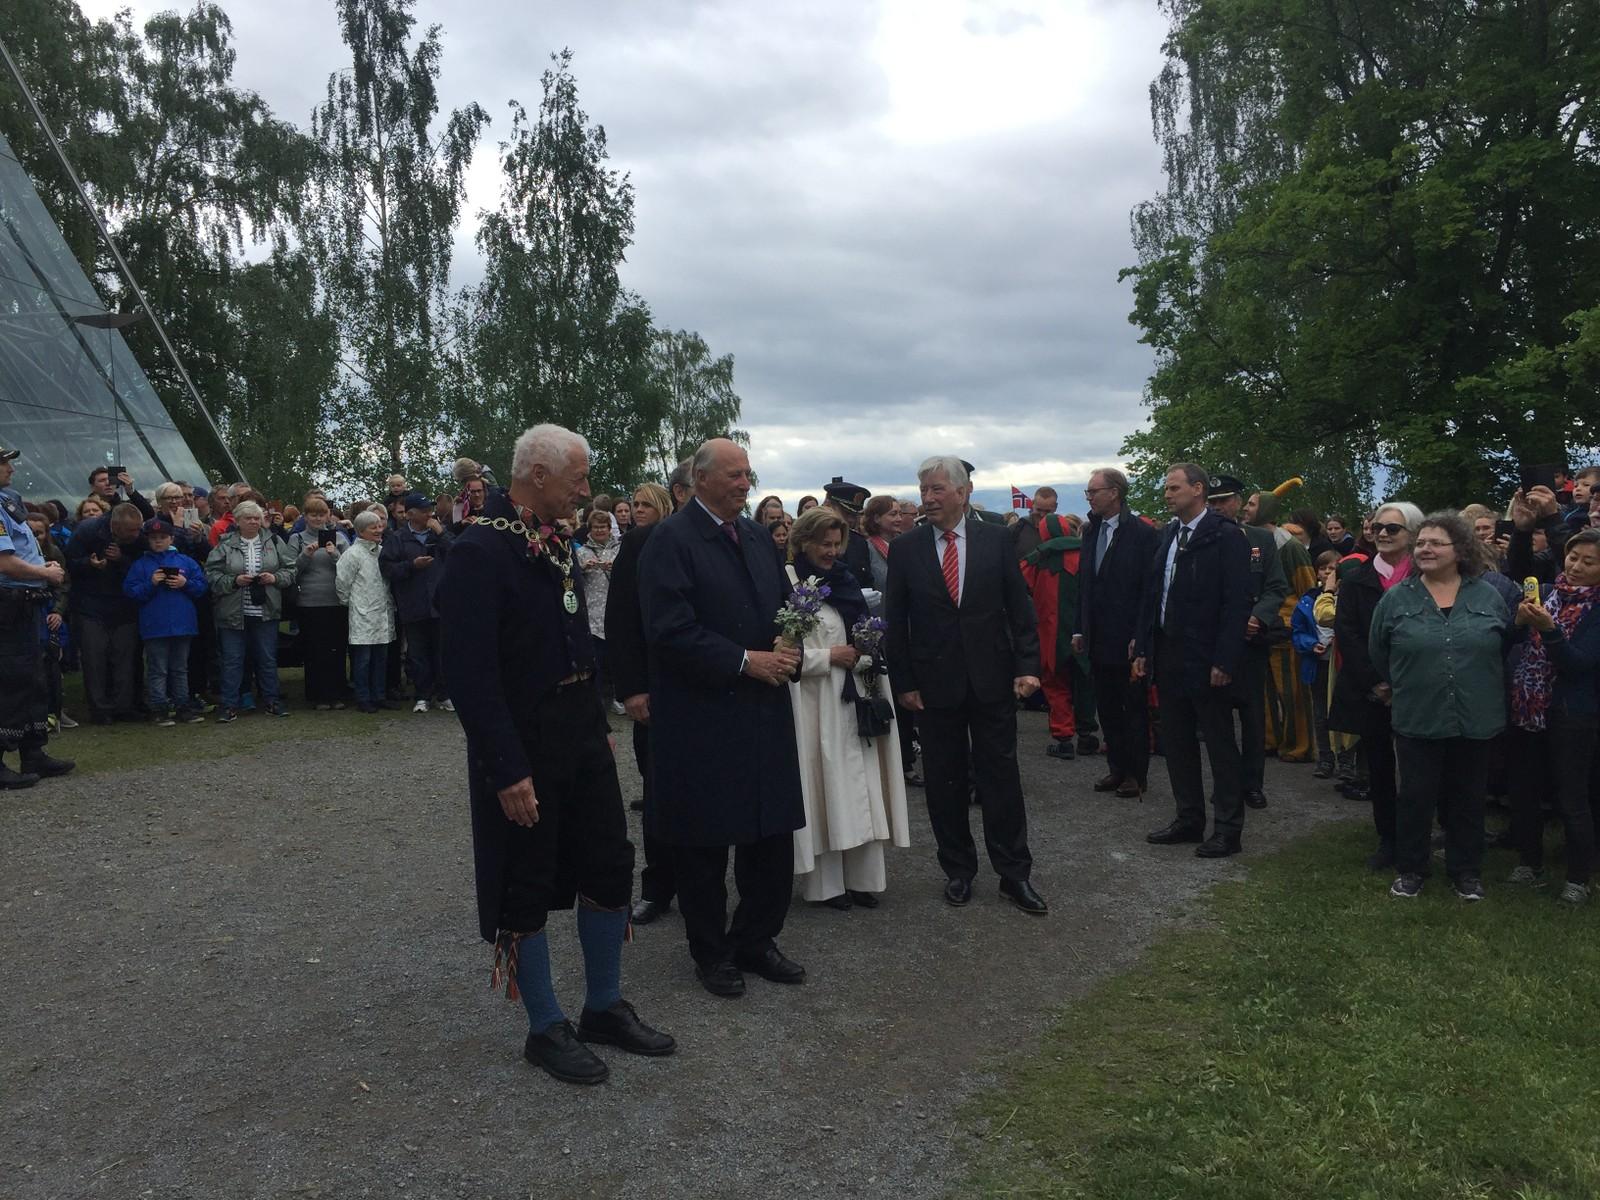 Kongeparet var også en tur innom Middelalderfestivalen i Hamar, som arrangeres denne helga.